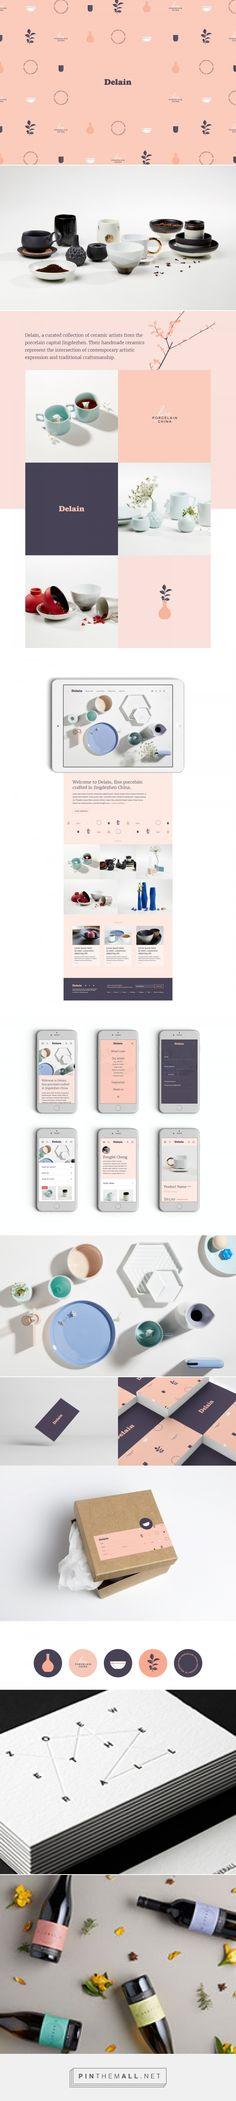 Delain Porcelain Branding on Behance - created via https://pinthemall.net